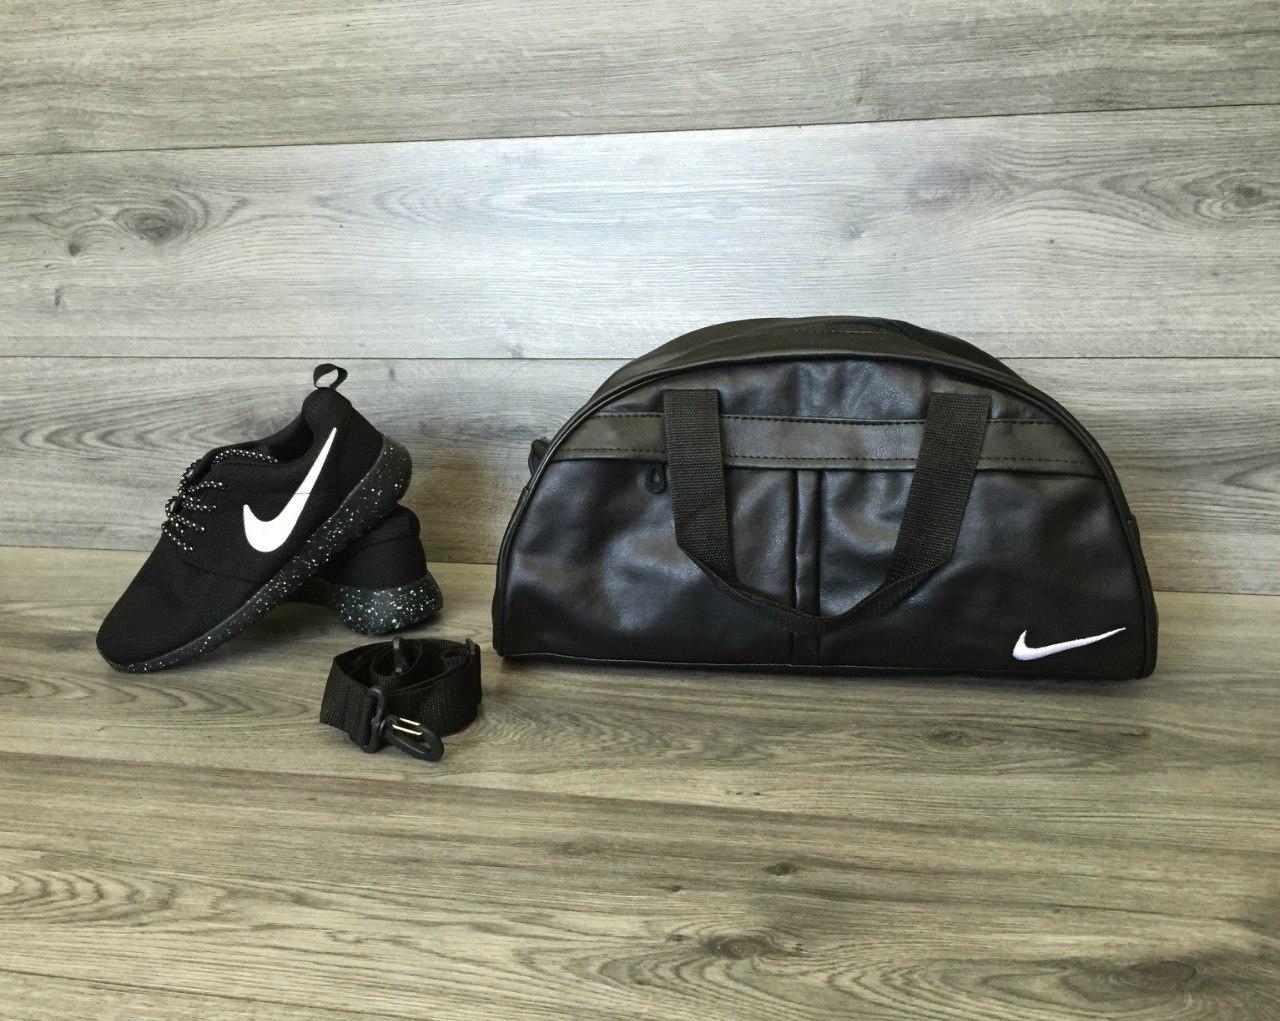 9c167d4b5c10 Спортивная сумка Nike (Найк), синий логотип - купить в Украине ...